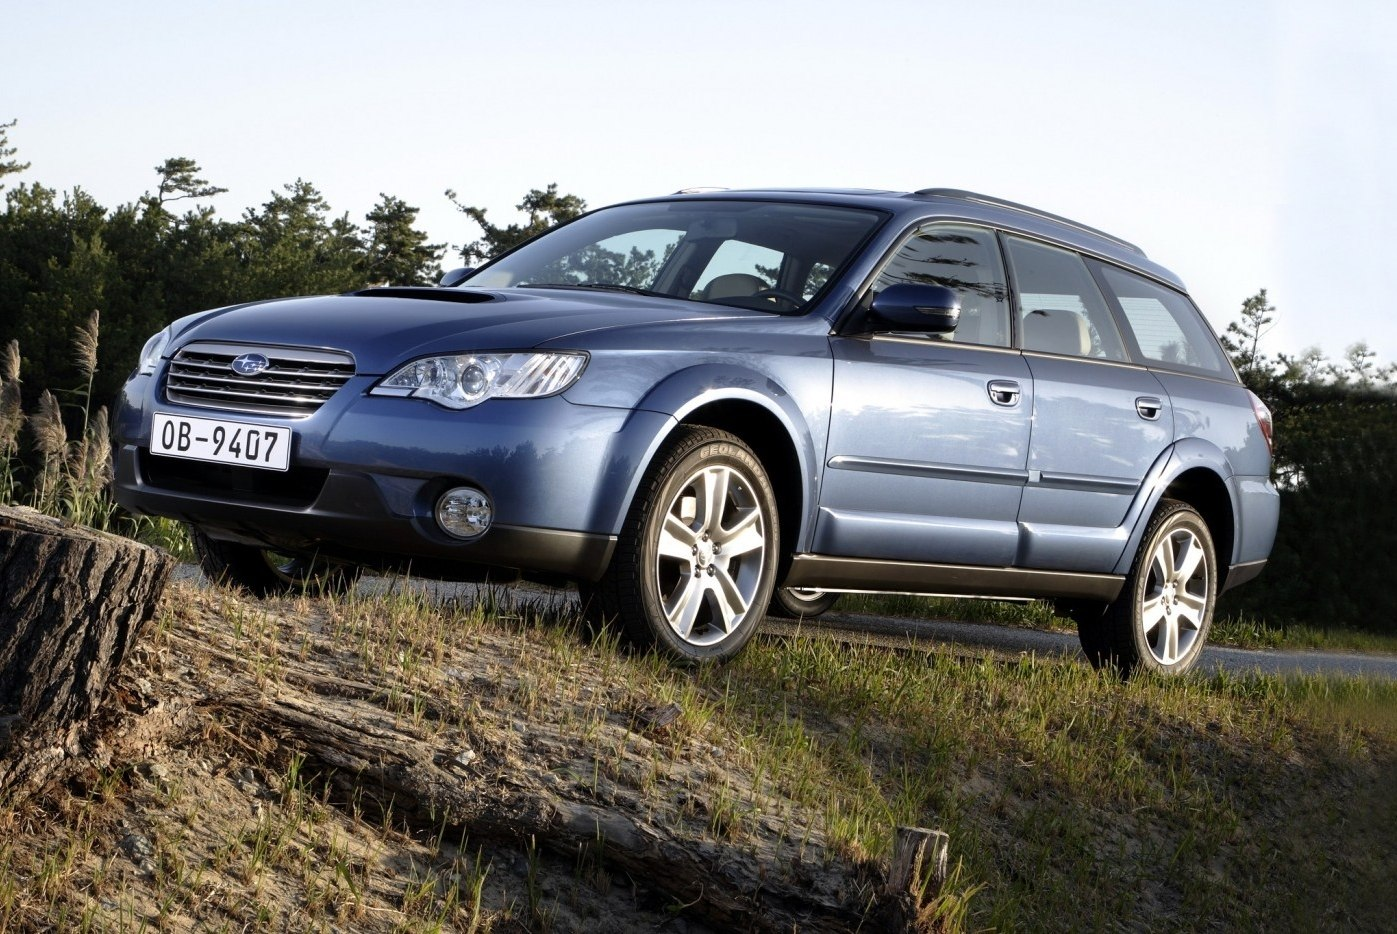 Subaru-otzyvaet-svoi-avtomobili-iz-za-su